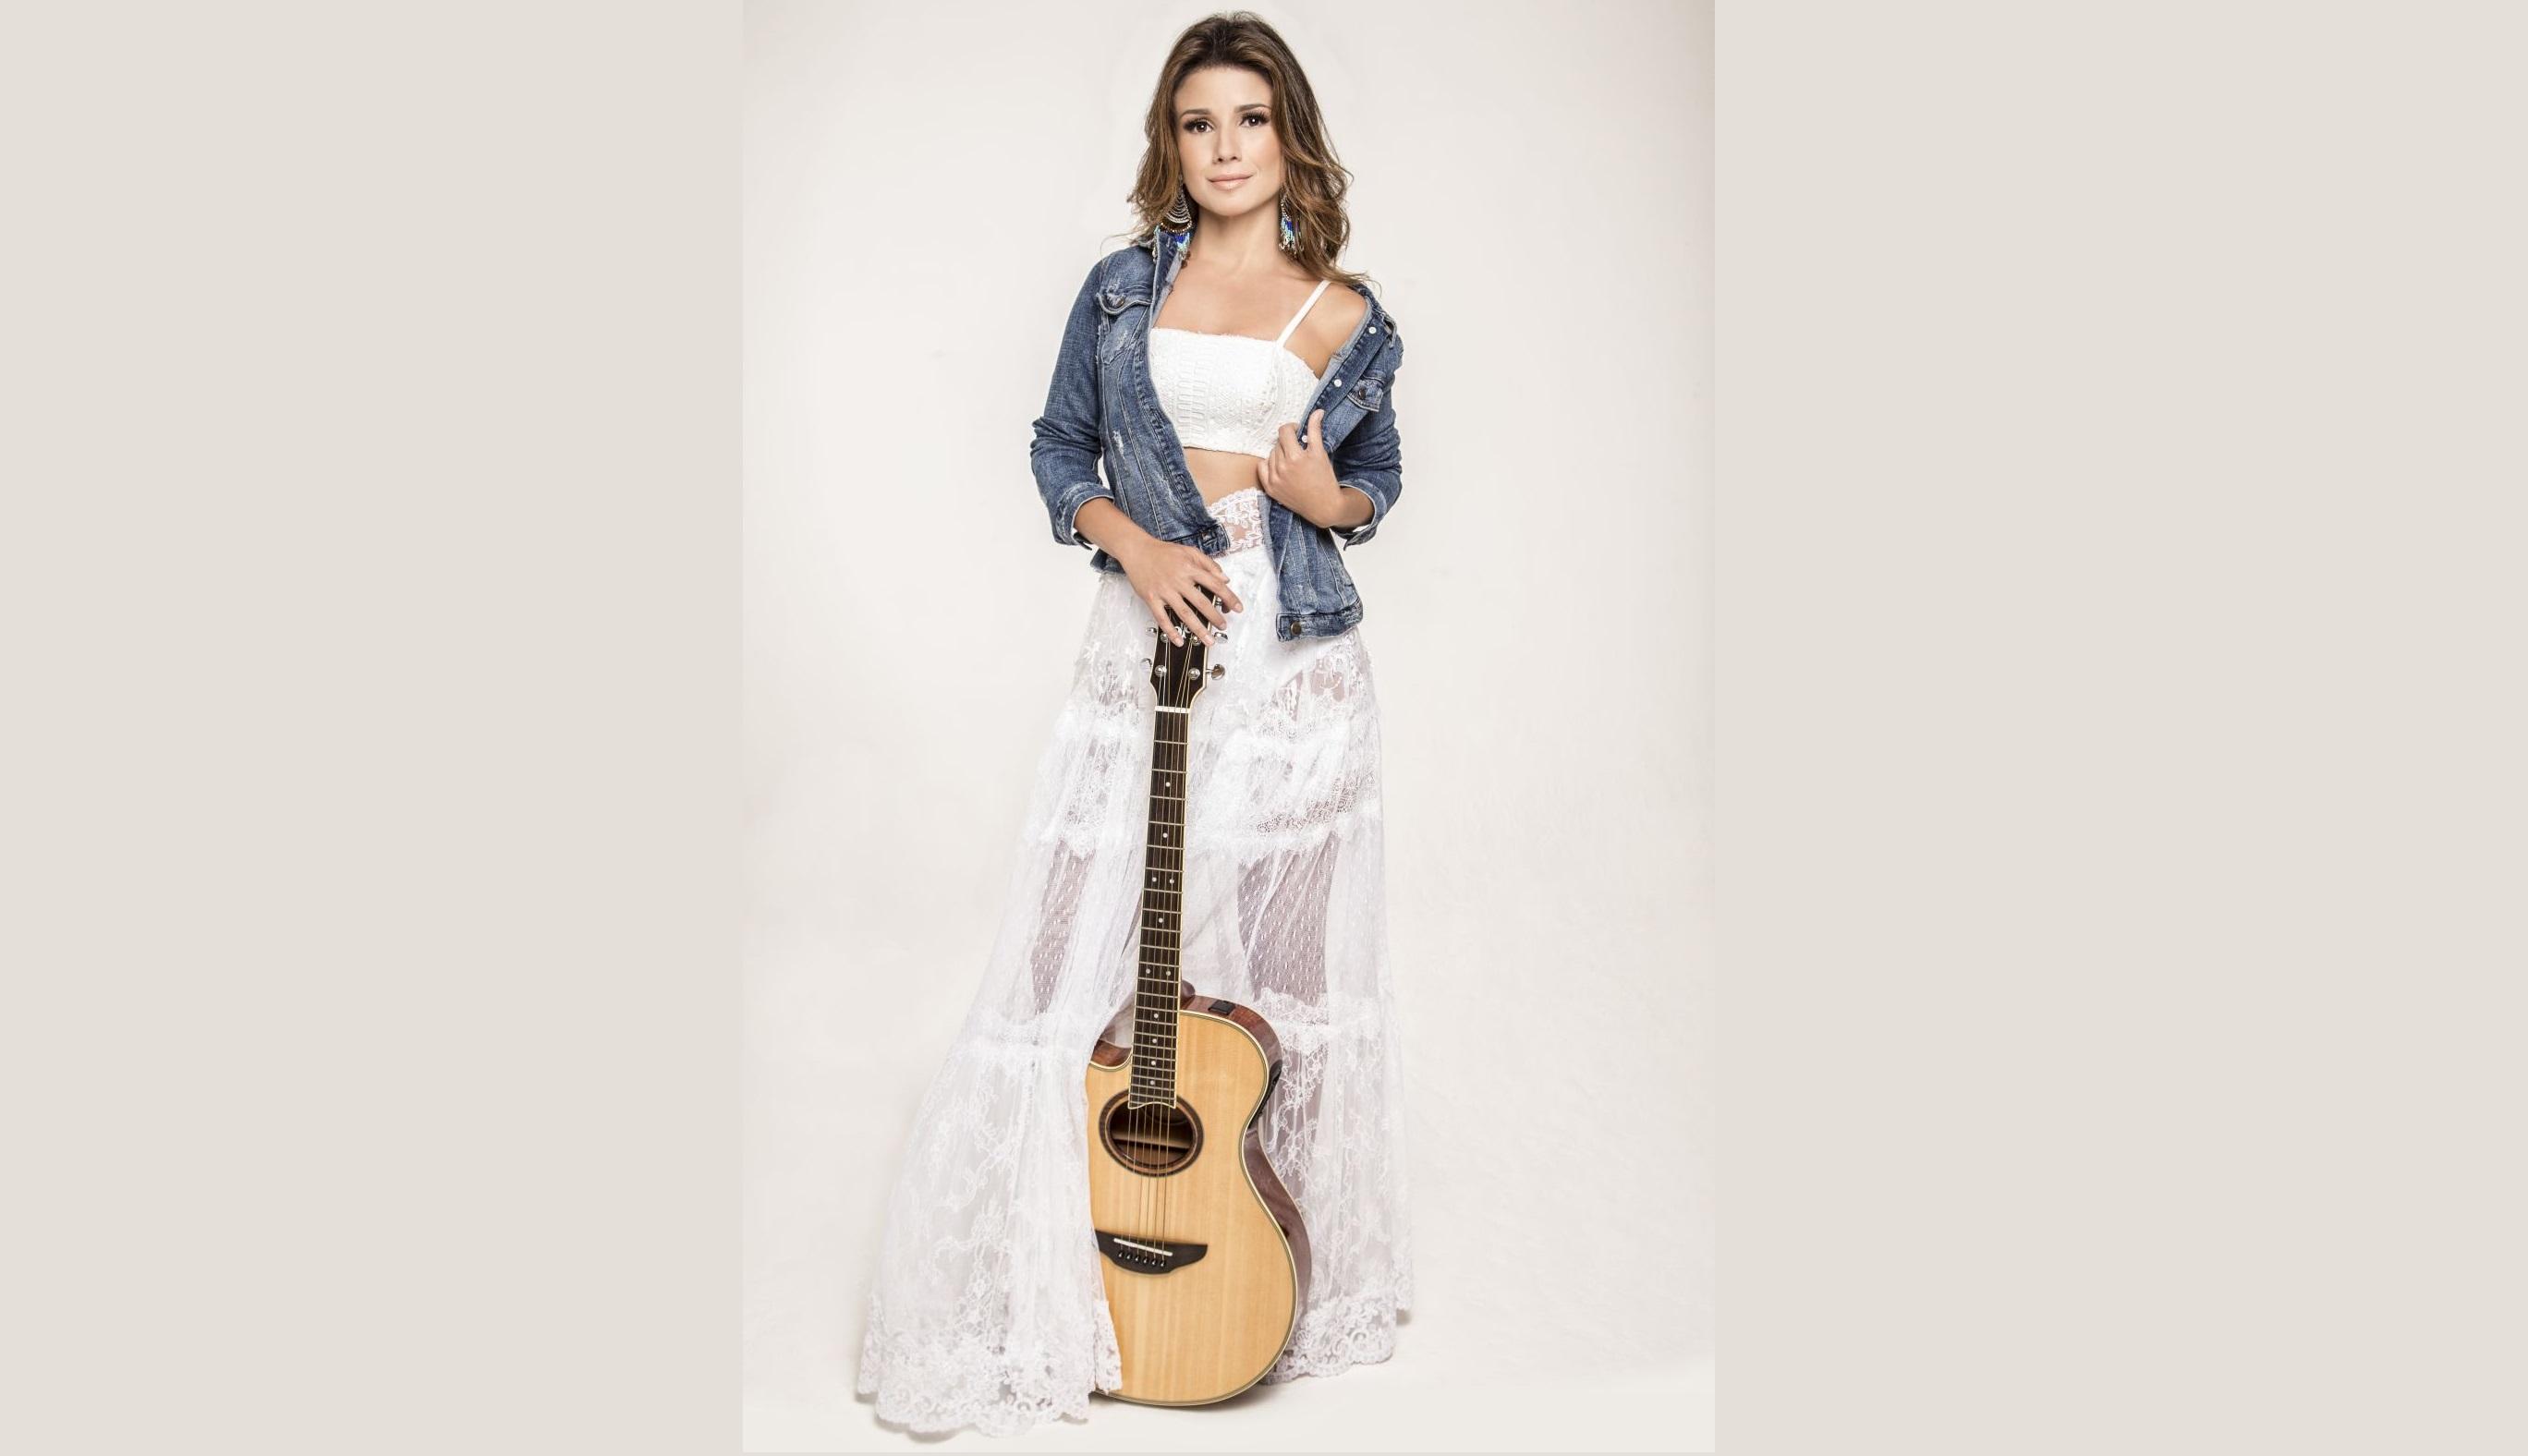 """Paula Fernandes apresenta turnê """"Acústico - Voz e Violão"""" em Natal-RN no dia 05/10 41"""